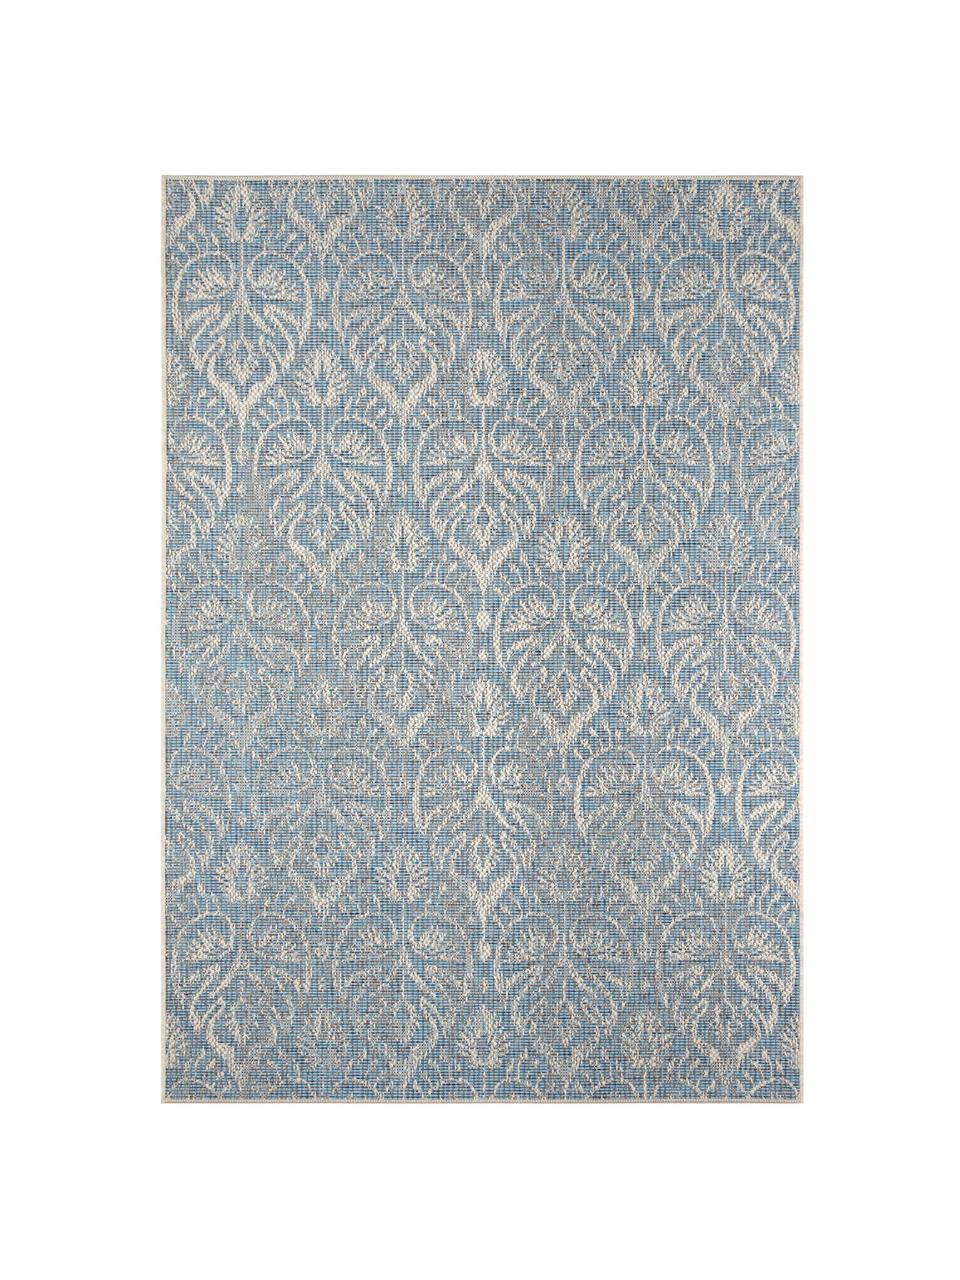 Design In- & Outdoor-Teppich Choy mit grafischem Muster, 100% Polypropylen, Hellblau, Beige, B 200 x L 290 cm (Größe L)